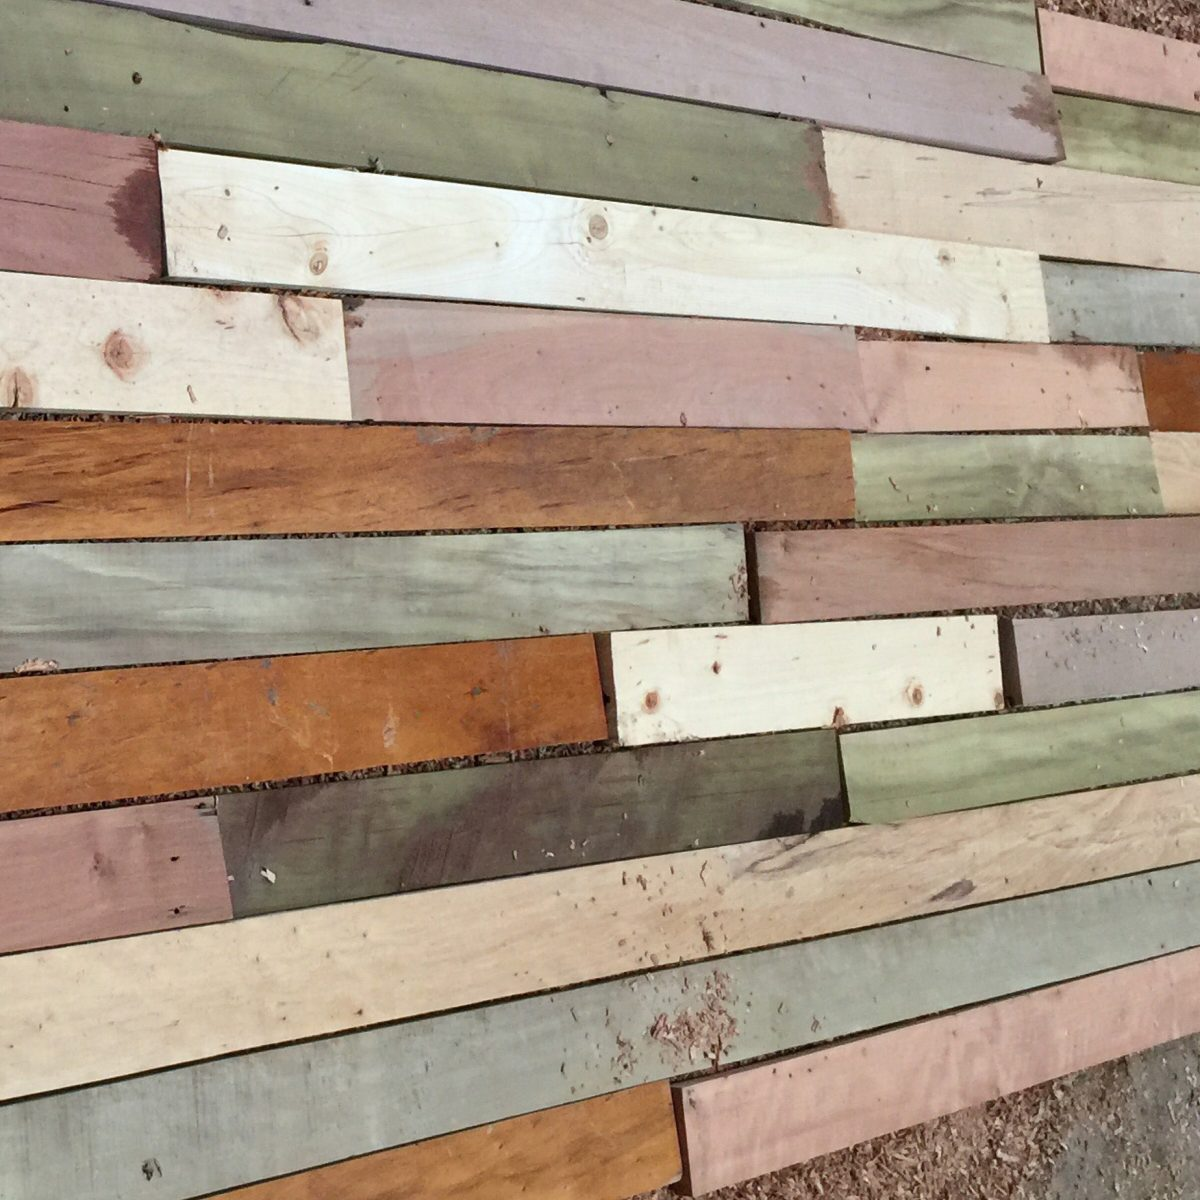 Revestimiento de madera para muro en mercado libre for Revestimiento en madera para pared